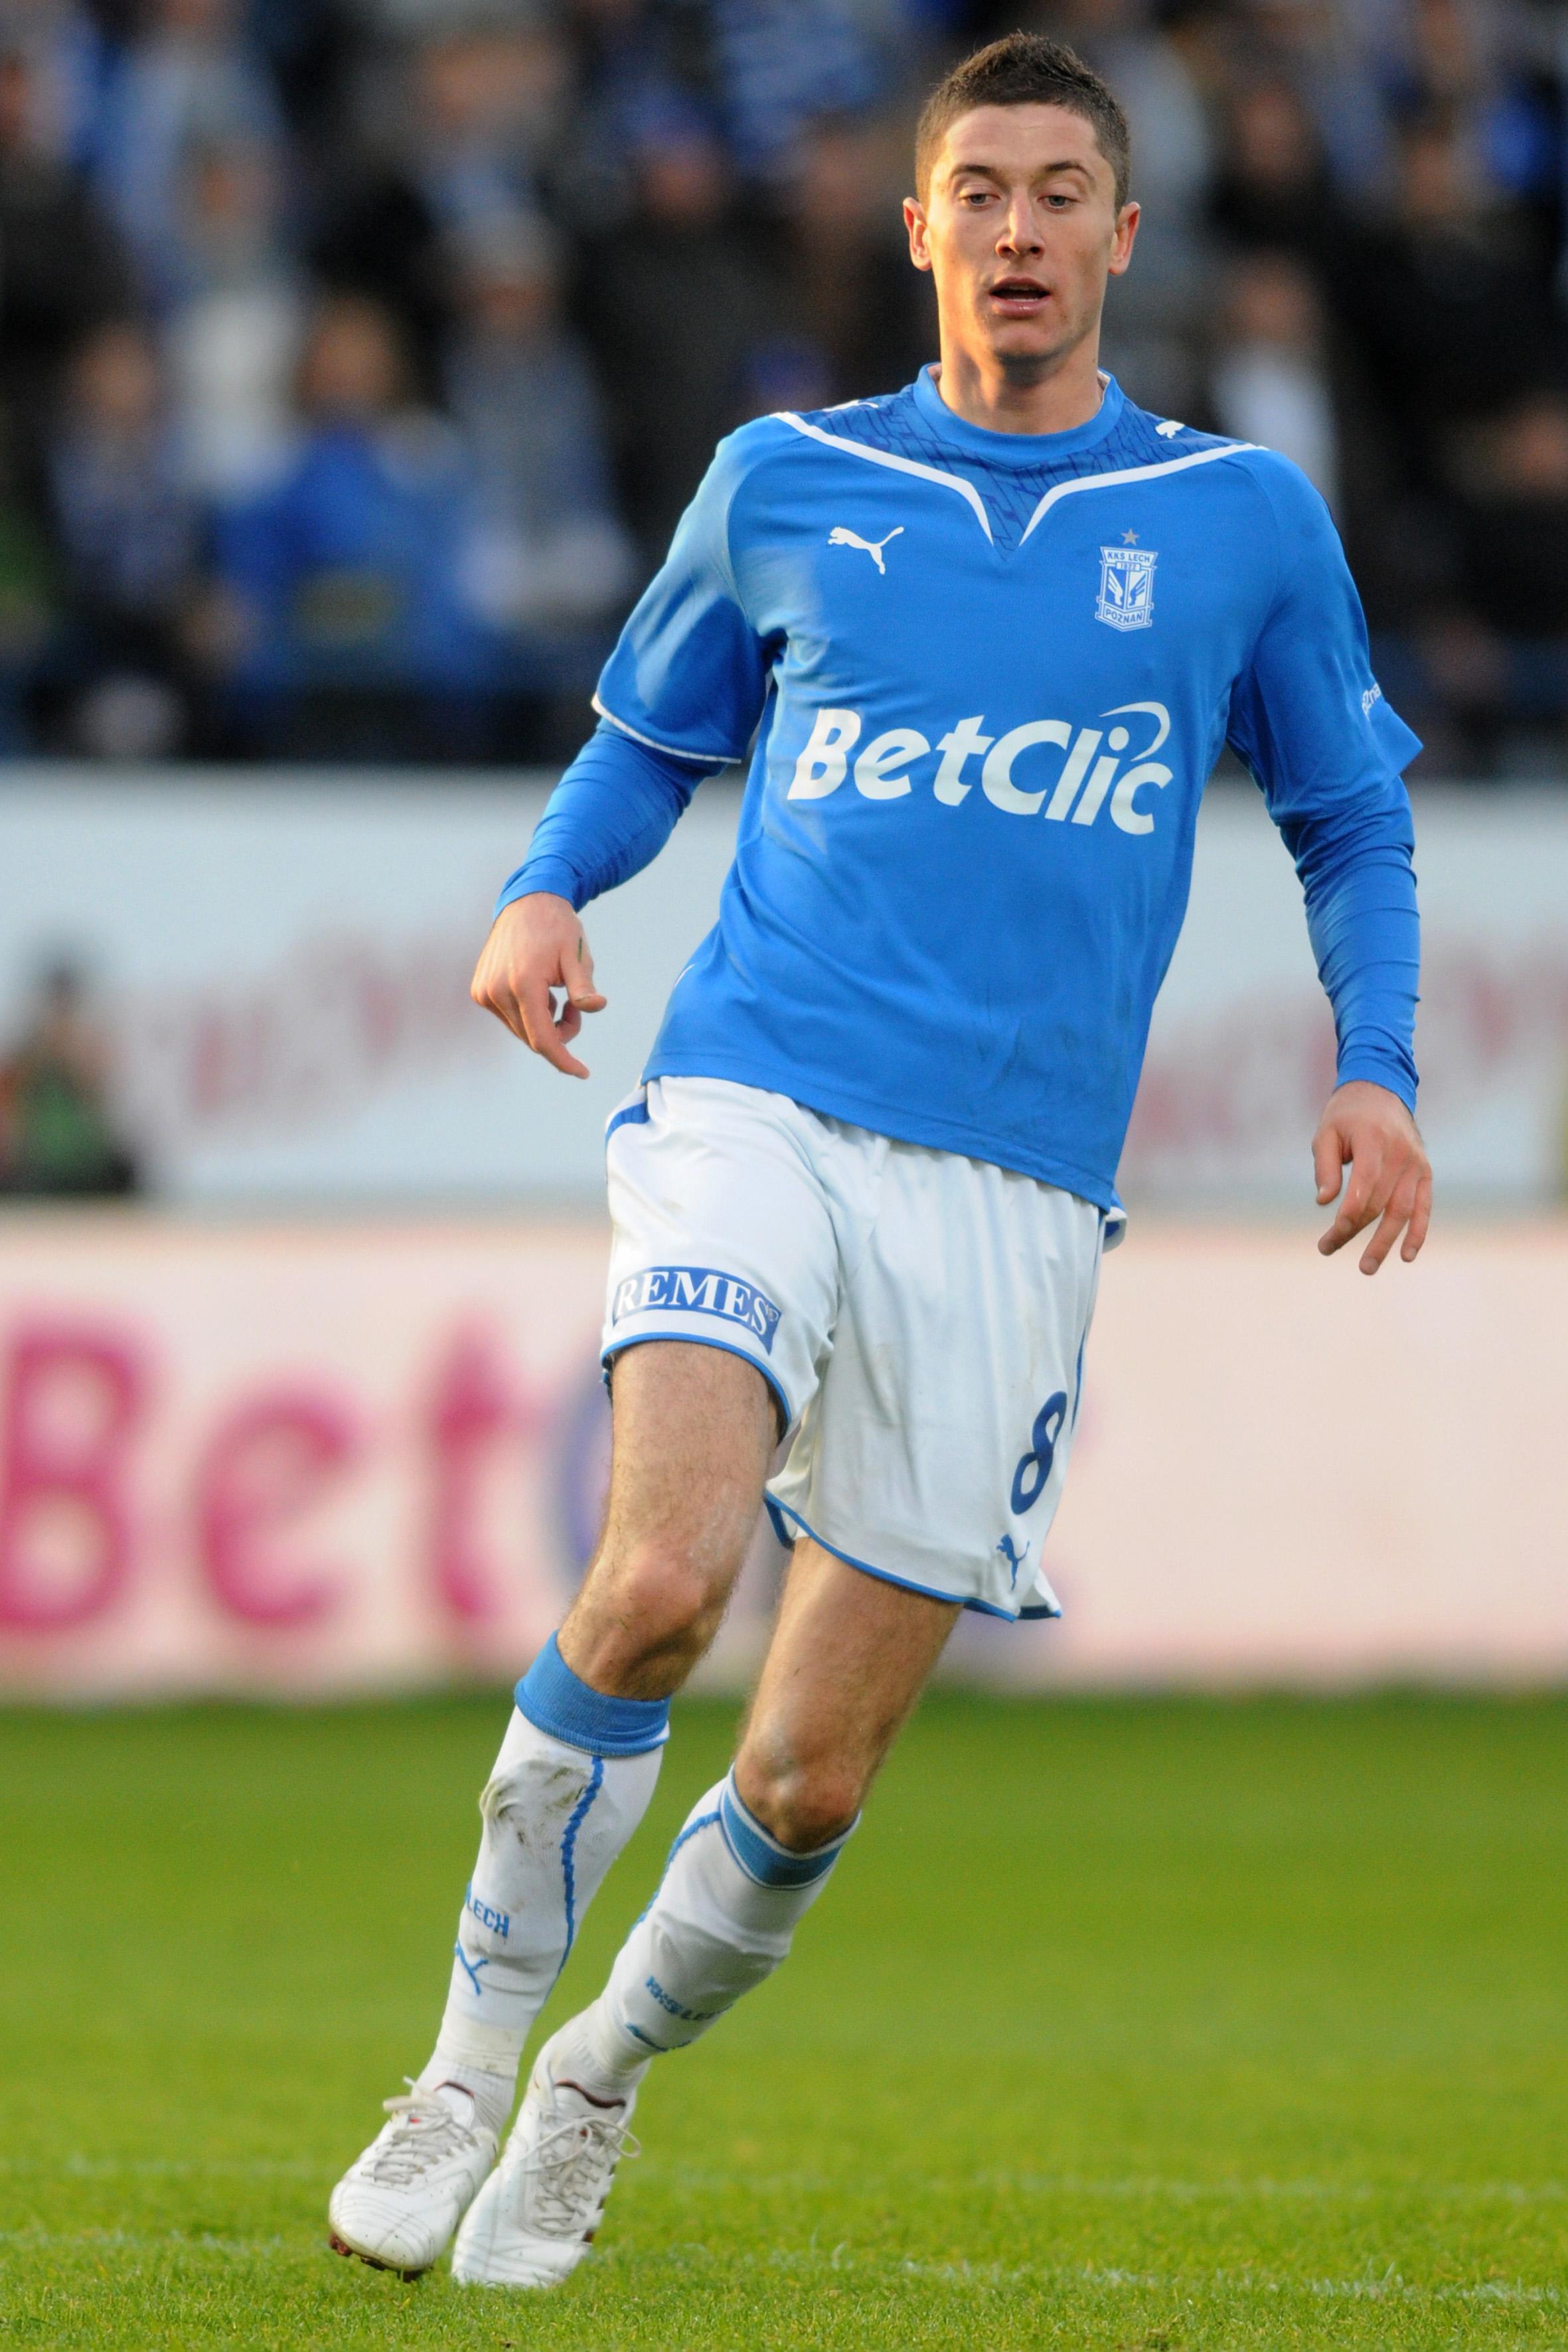 At Lech Poznan, Robert Lewandowski scored 41 goals in 82 games